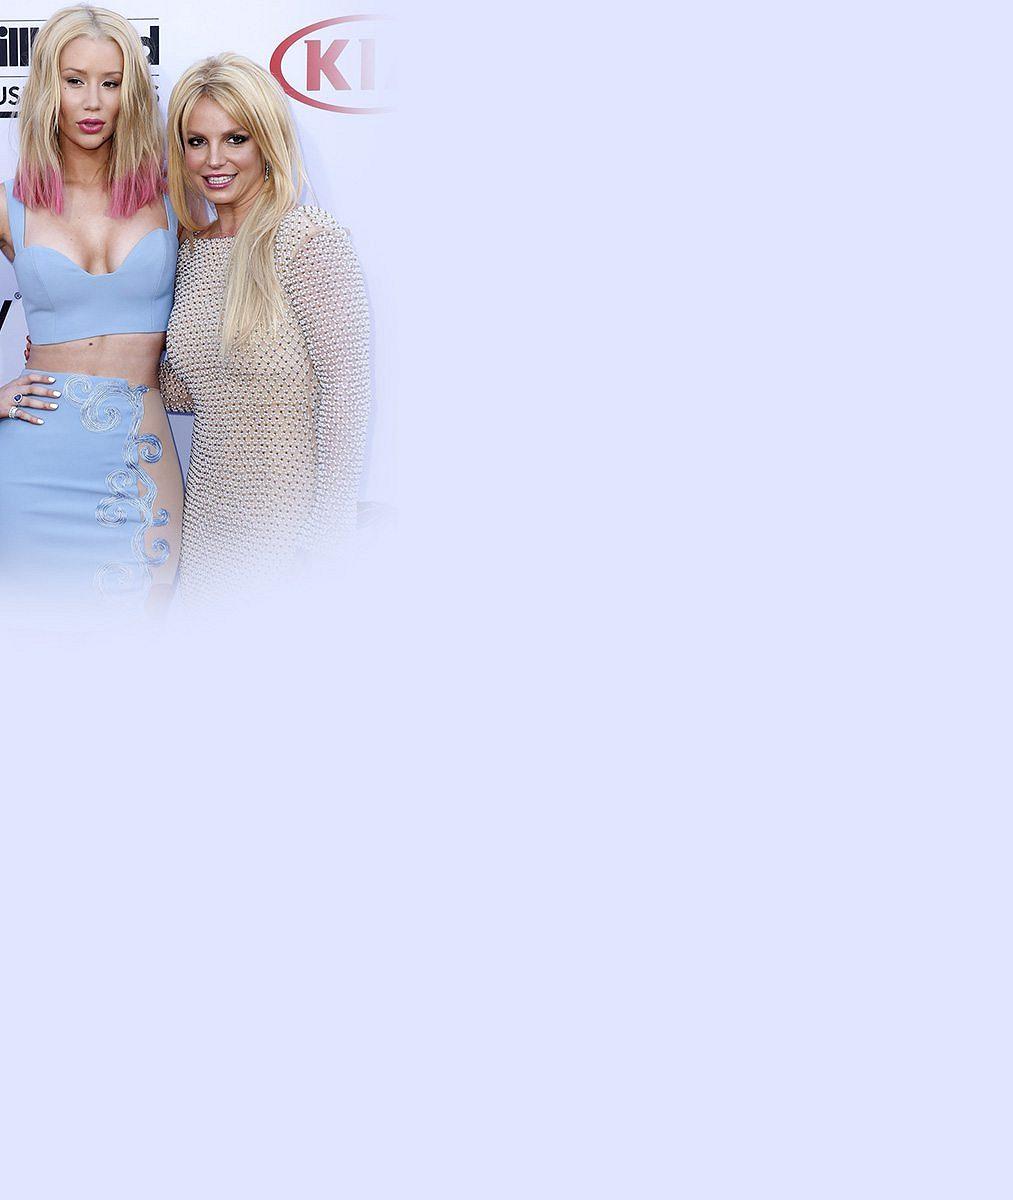 Britney Spears vlatexu zadupala do země odekádu mladší kolegyni se zvětšenými ňadry